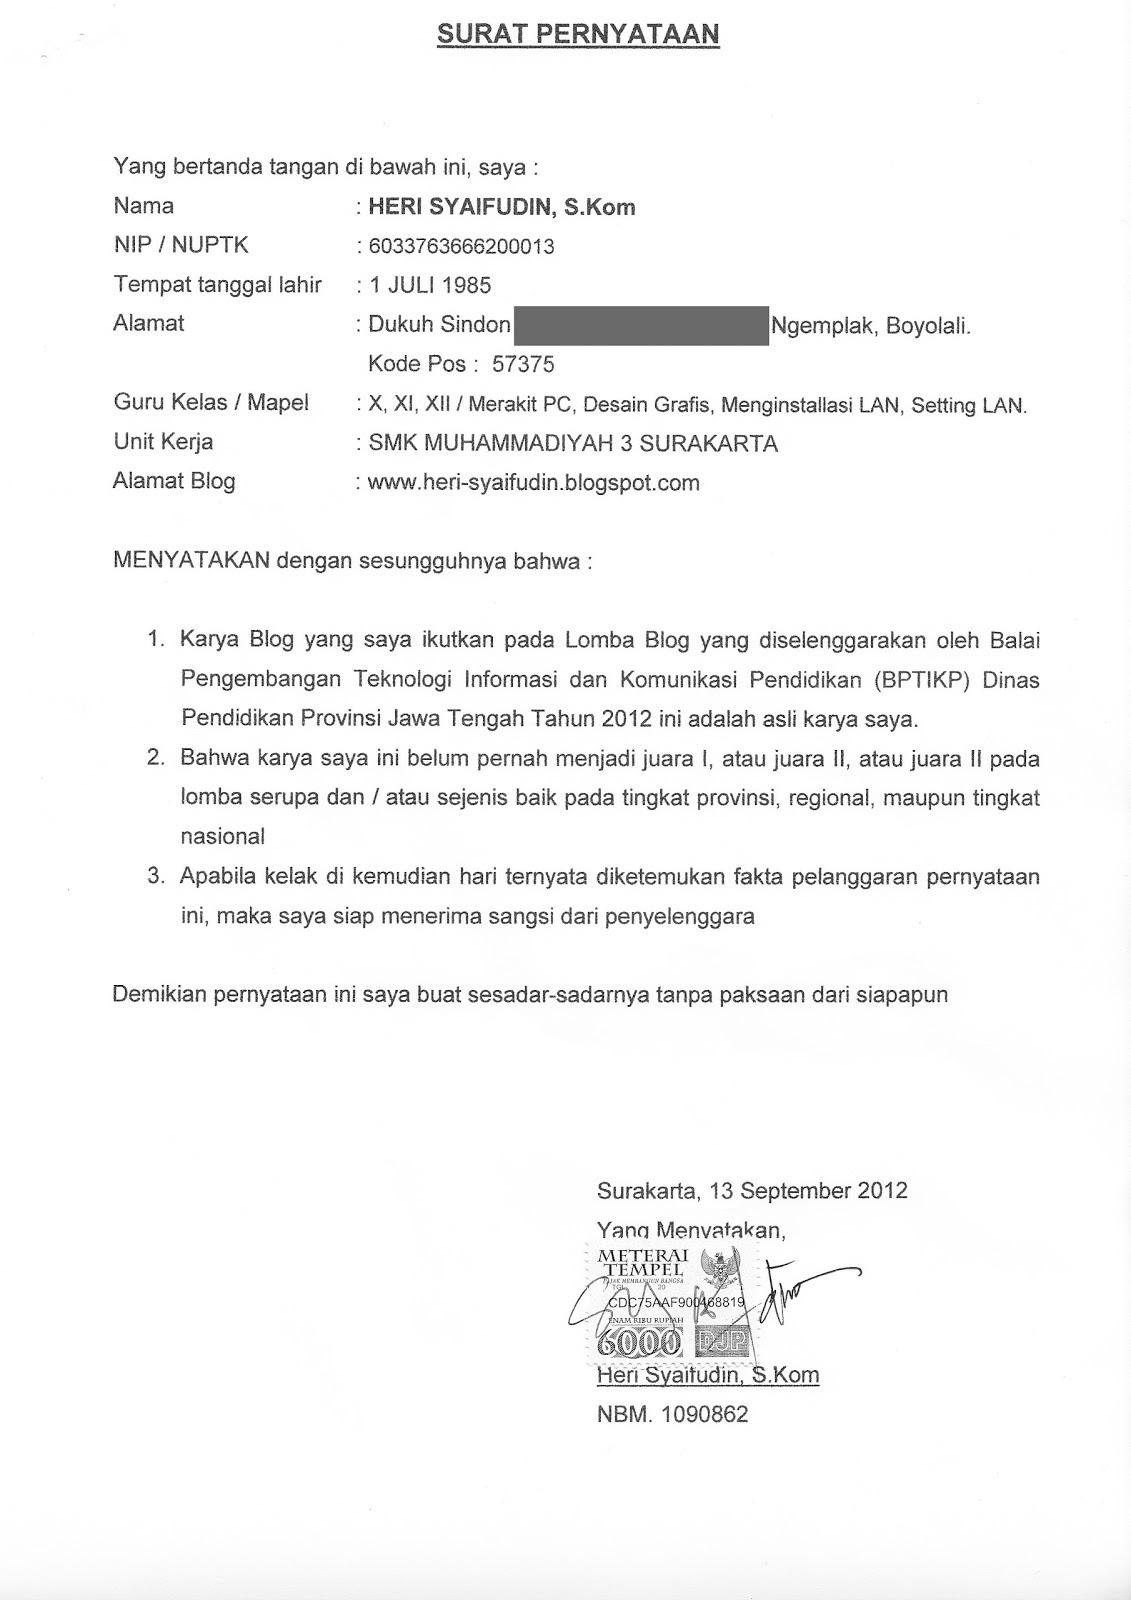 contoh surat undangan kegiatan pelatihan contoh isi undangan